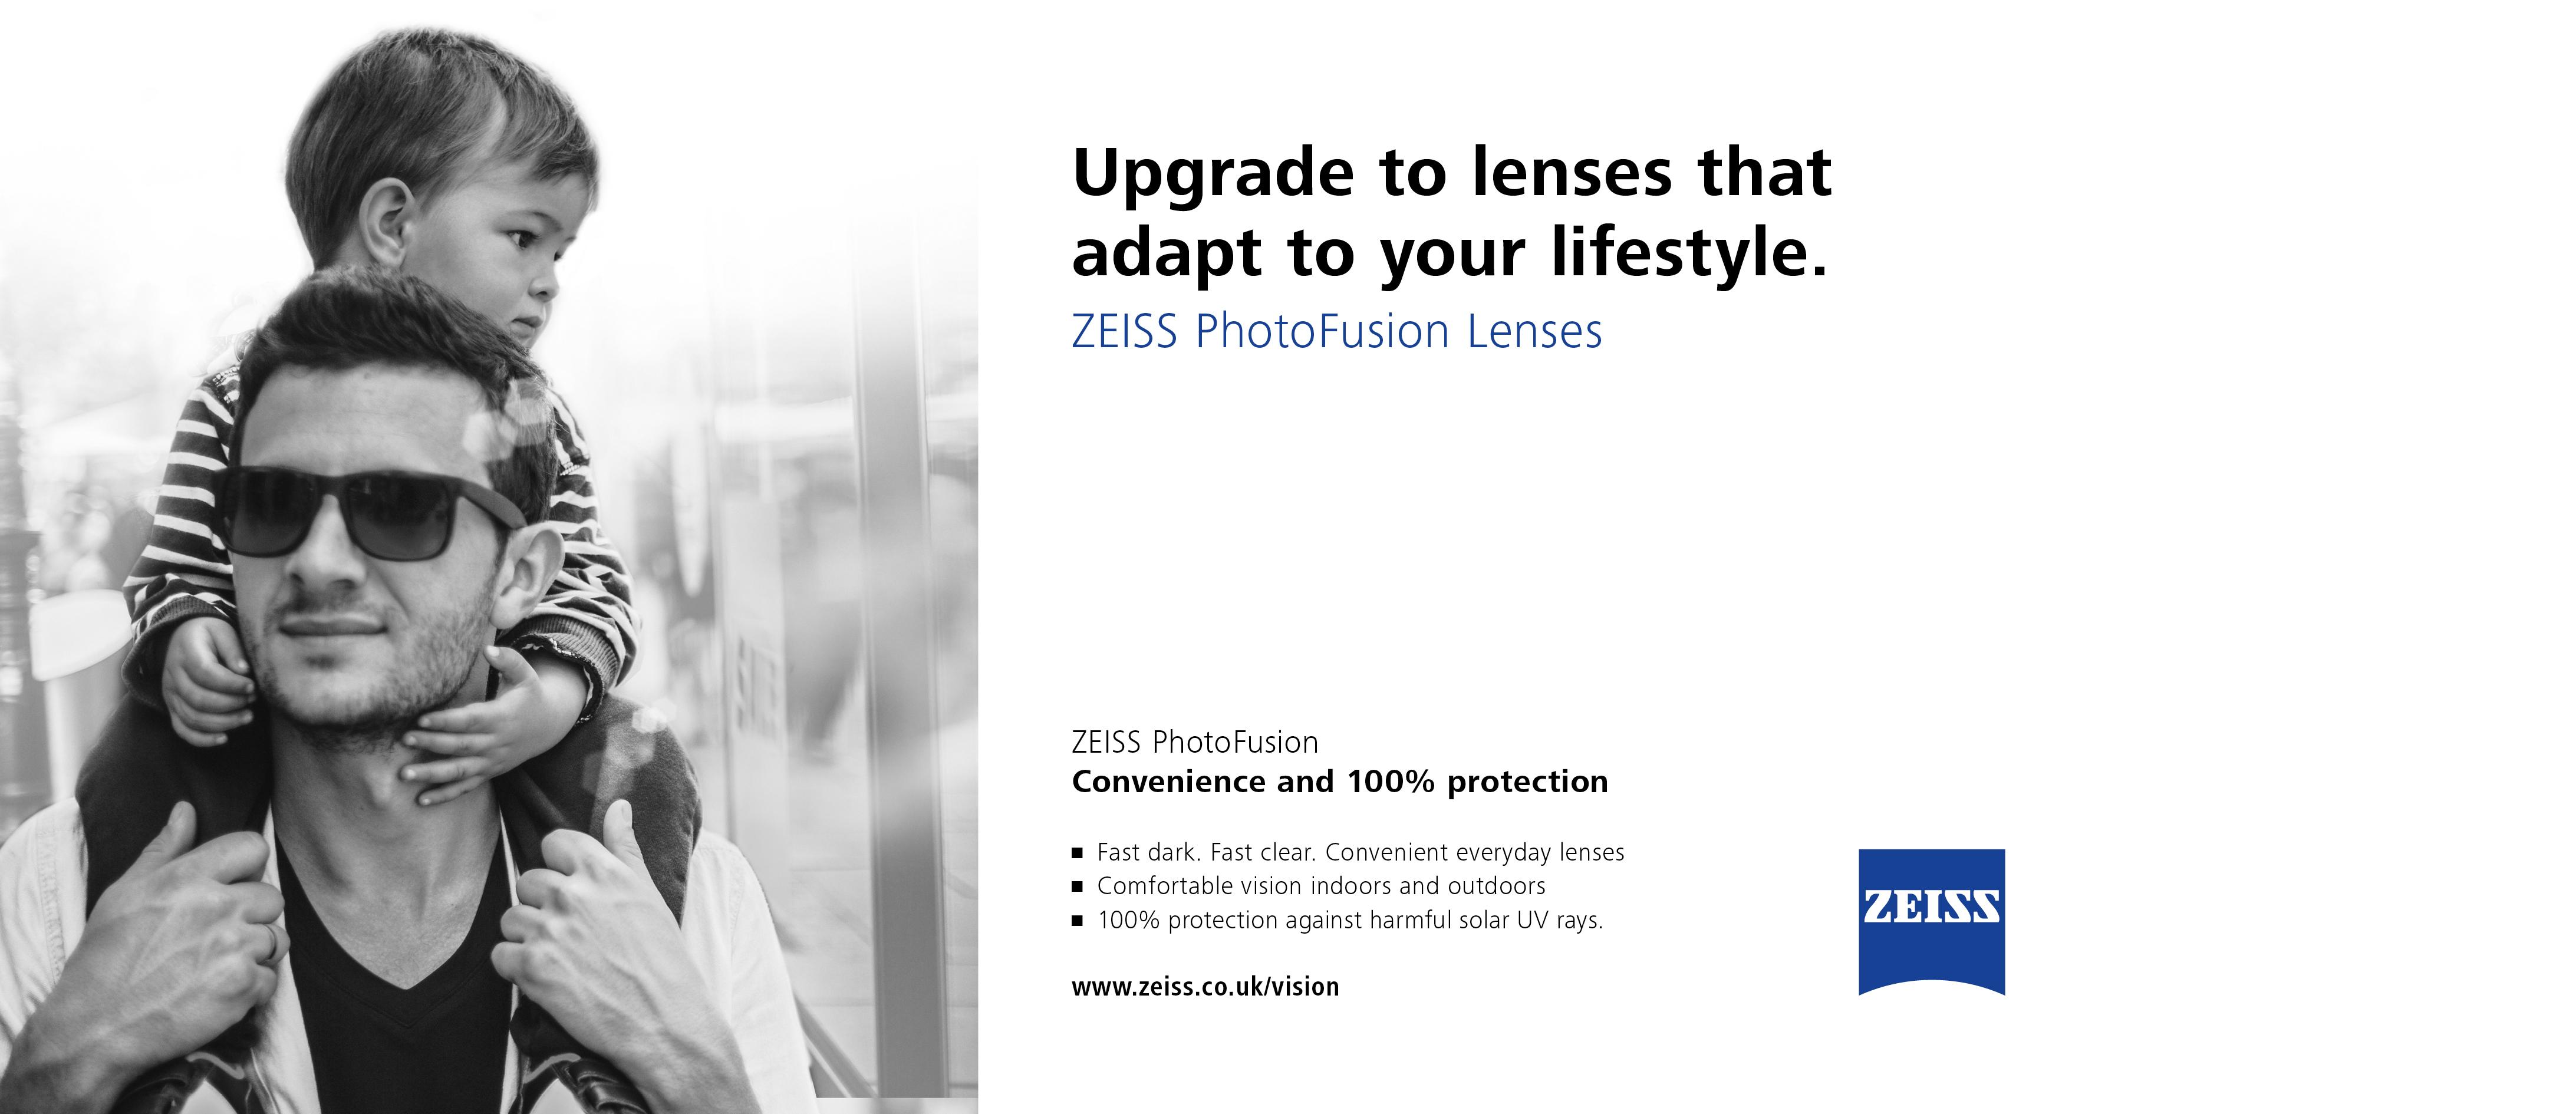 9af531fdea2 ZEISS PhotoFusion Lenses